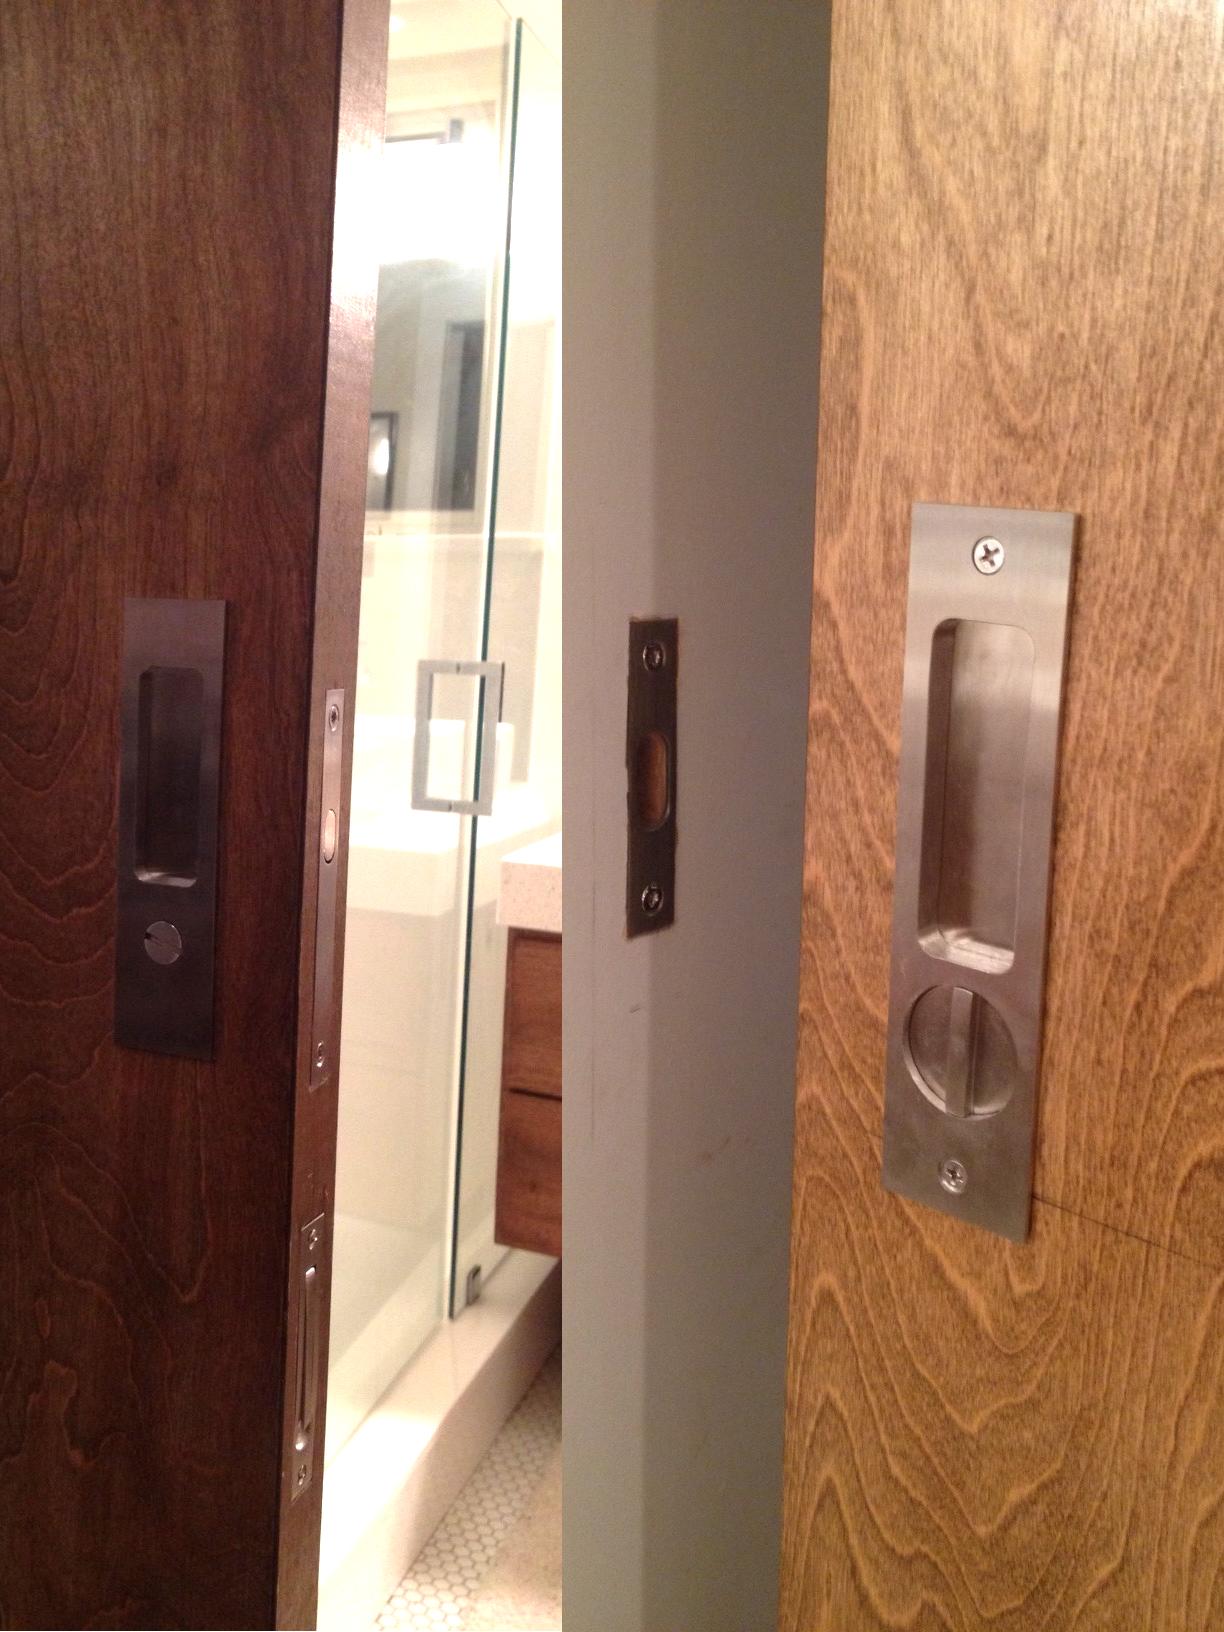 Linnea PL160 Pocket Door Lock Installation Step 15